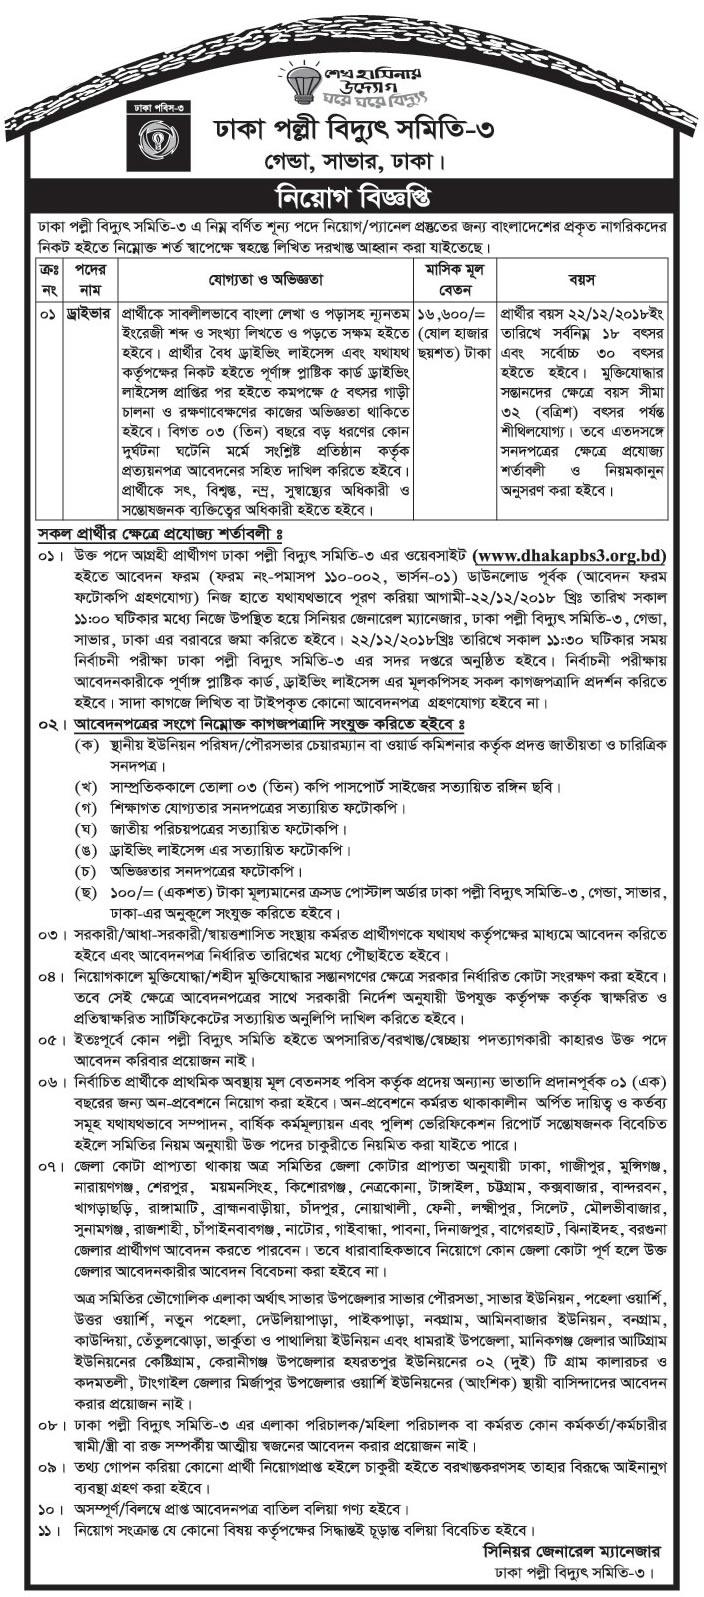 Dhaka Palli Bidyut Samity-3 Job Circular 2018